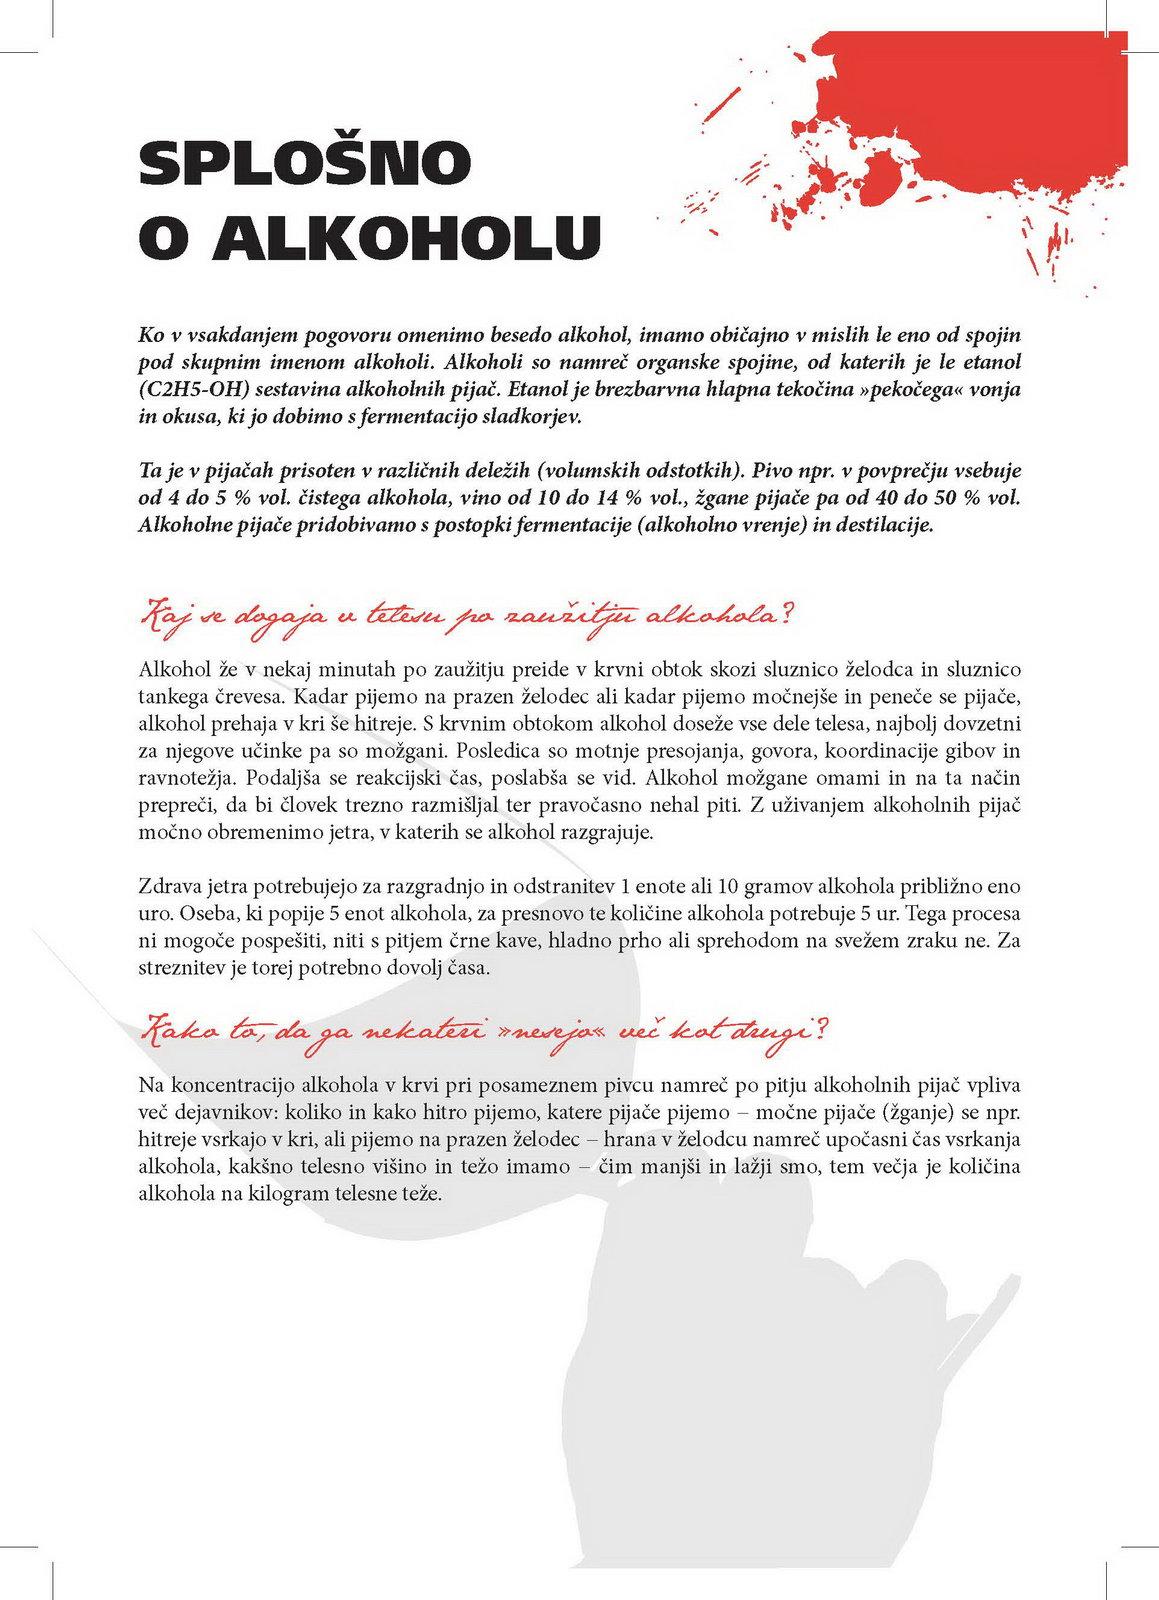 BITI_Alkohol_005.jpg